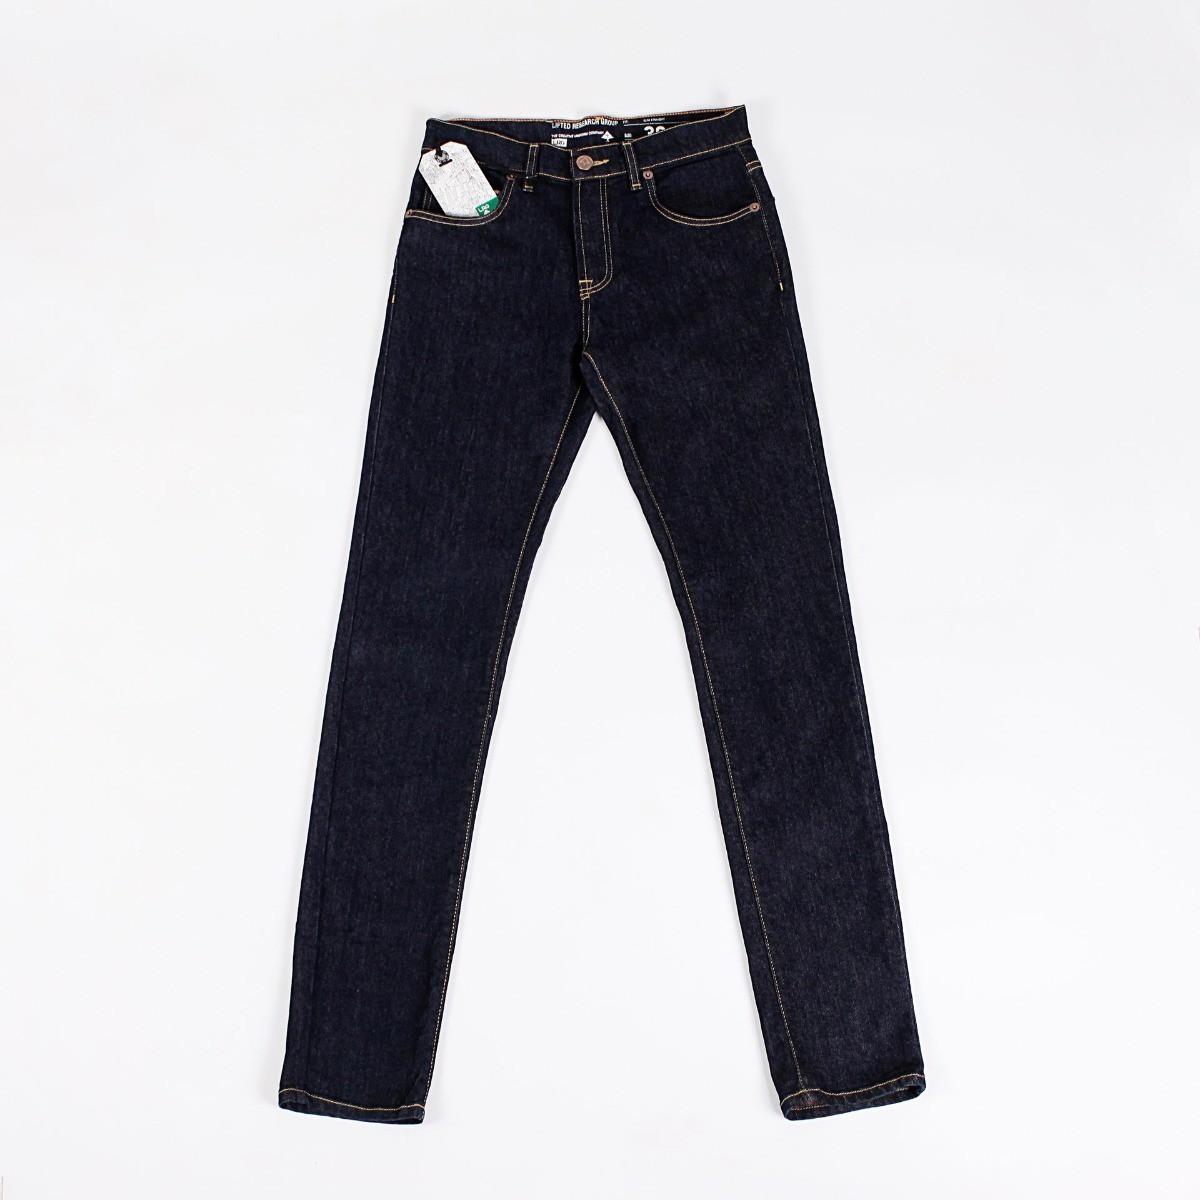 Calça LRG Jeans Indigo